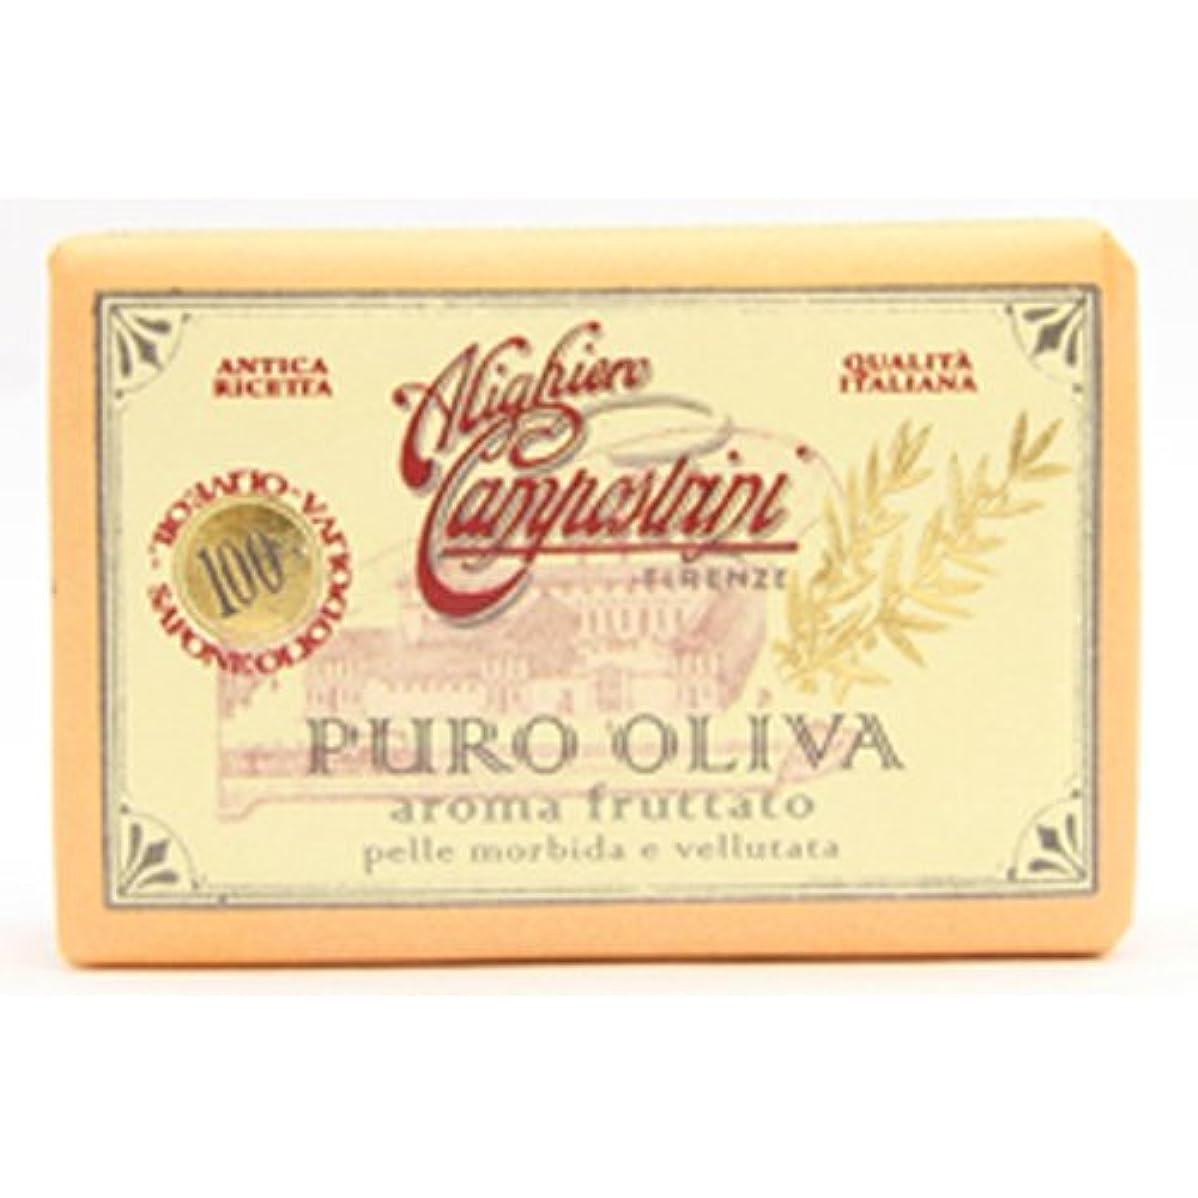 追うすべて宿Saponerire Fissi サポネリーフィッシー PURO OLIVA Soap オリーブオイル ピュロ ソープ Aroma fruttato フルーツ(オレンジ)